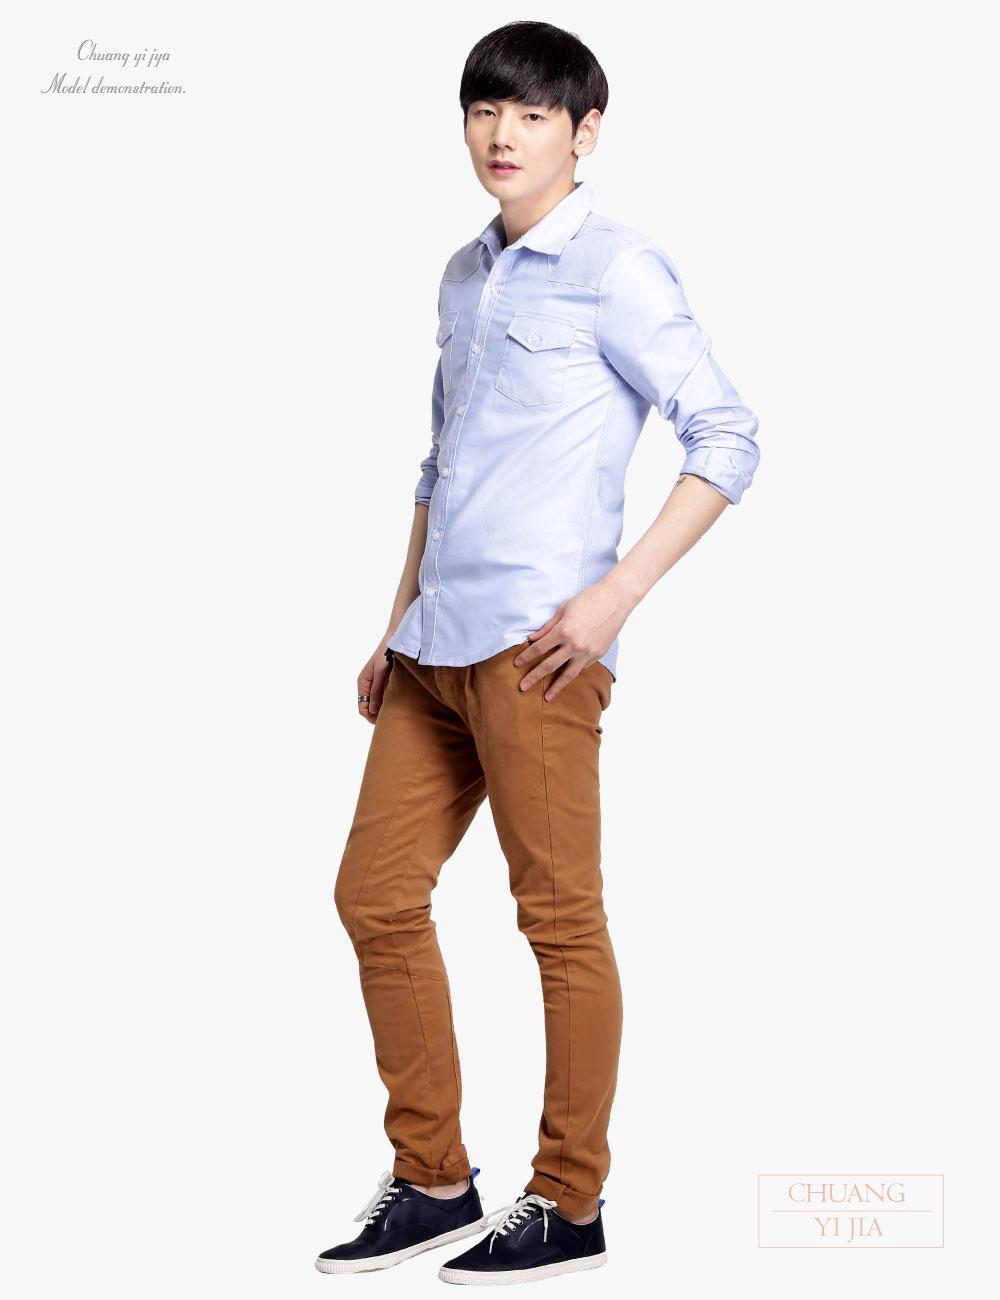 客製化工作衫,公司制服,工作服,休閒服,品牌服,襯衫男,專櫃制服,商務襯衫,短袖襯衫,長袖襯衫,訂製襯衫,白襯衫,條紋襯衫,格子襯衫,專業套裝